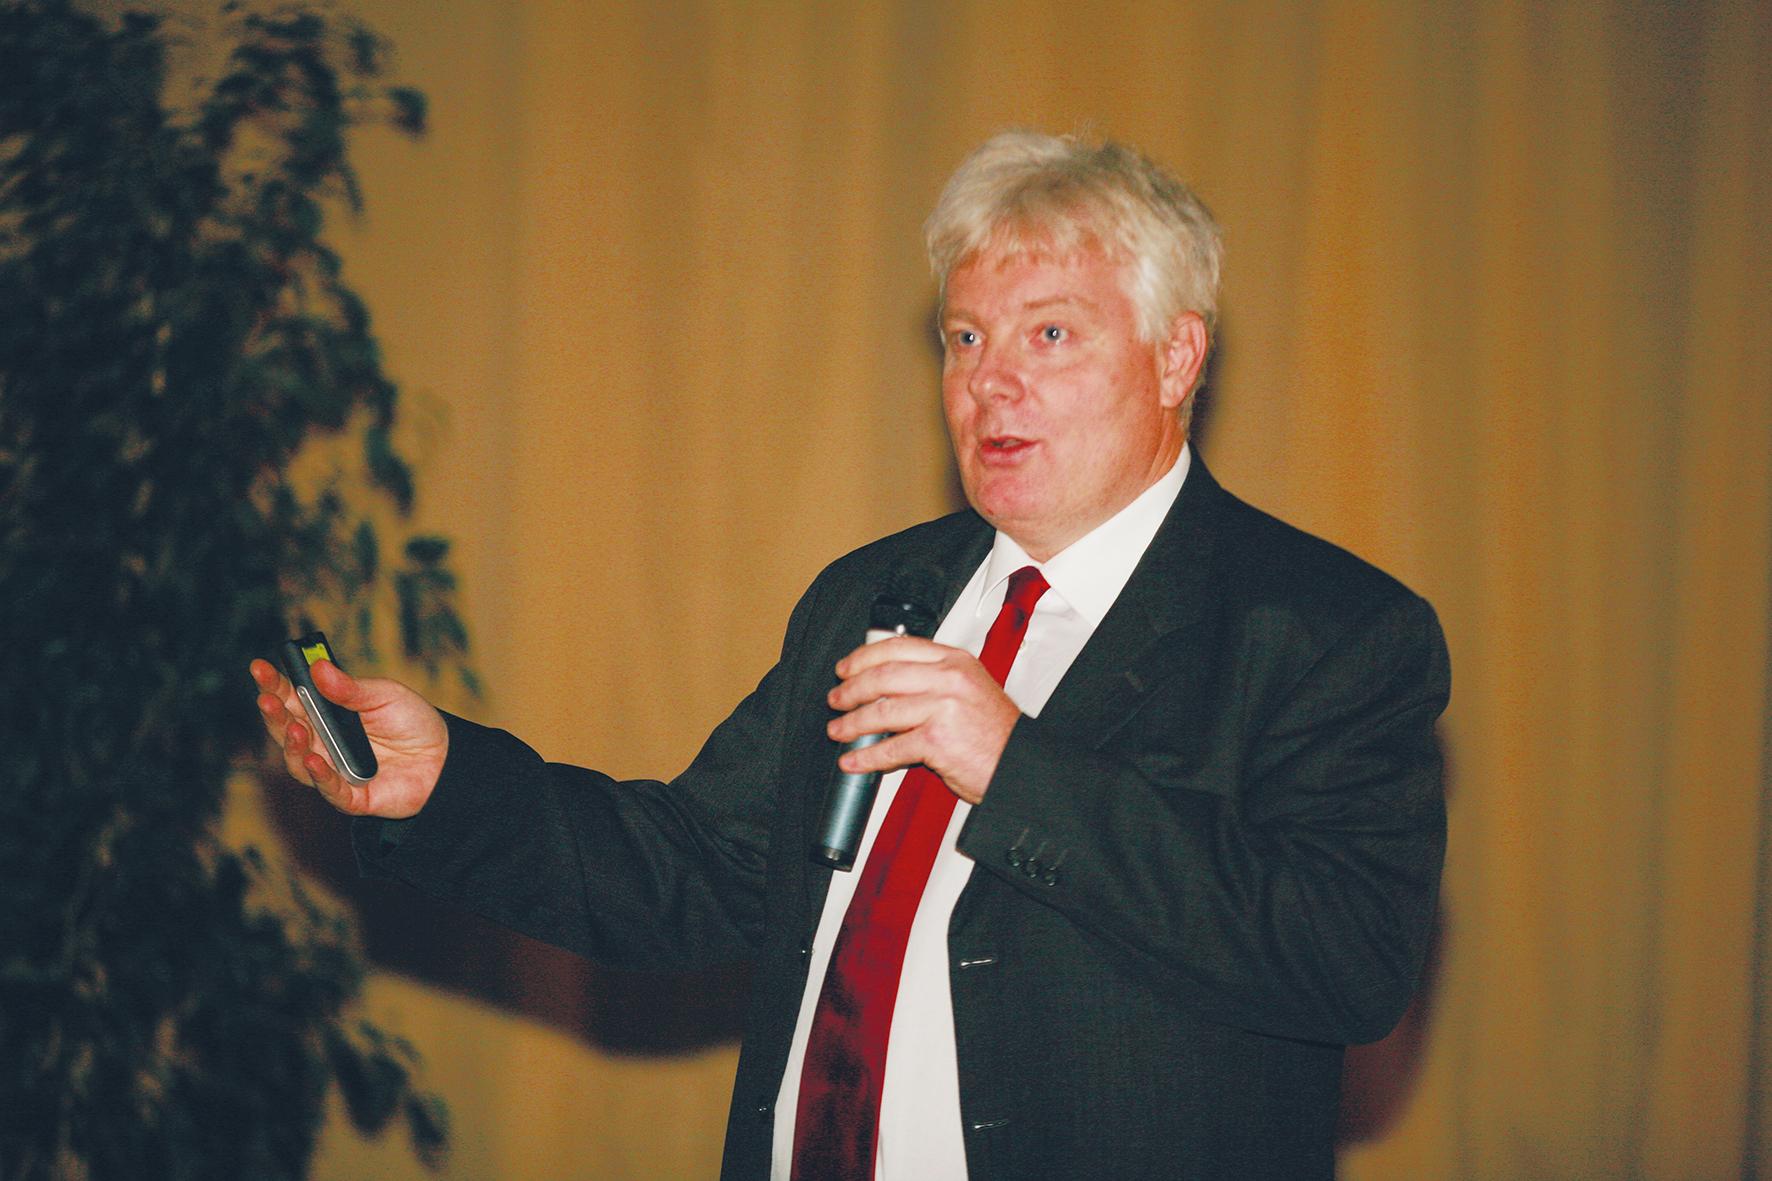 Beszélgetés Dr. Németh Zsolt docens úrral, a konferencia Implantológiai szekciójának a levezető elnökével